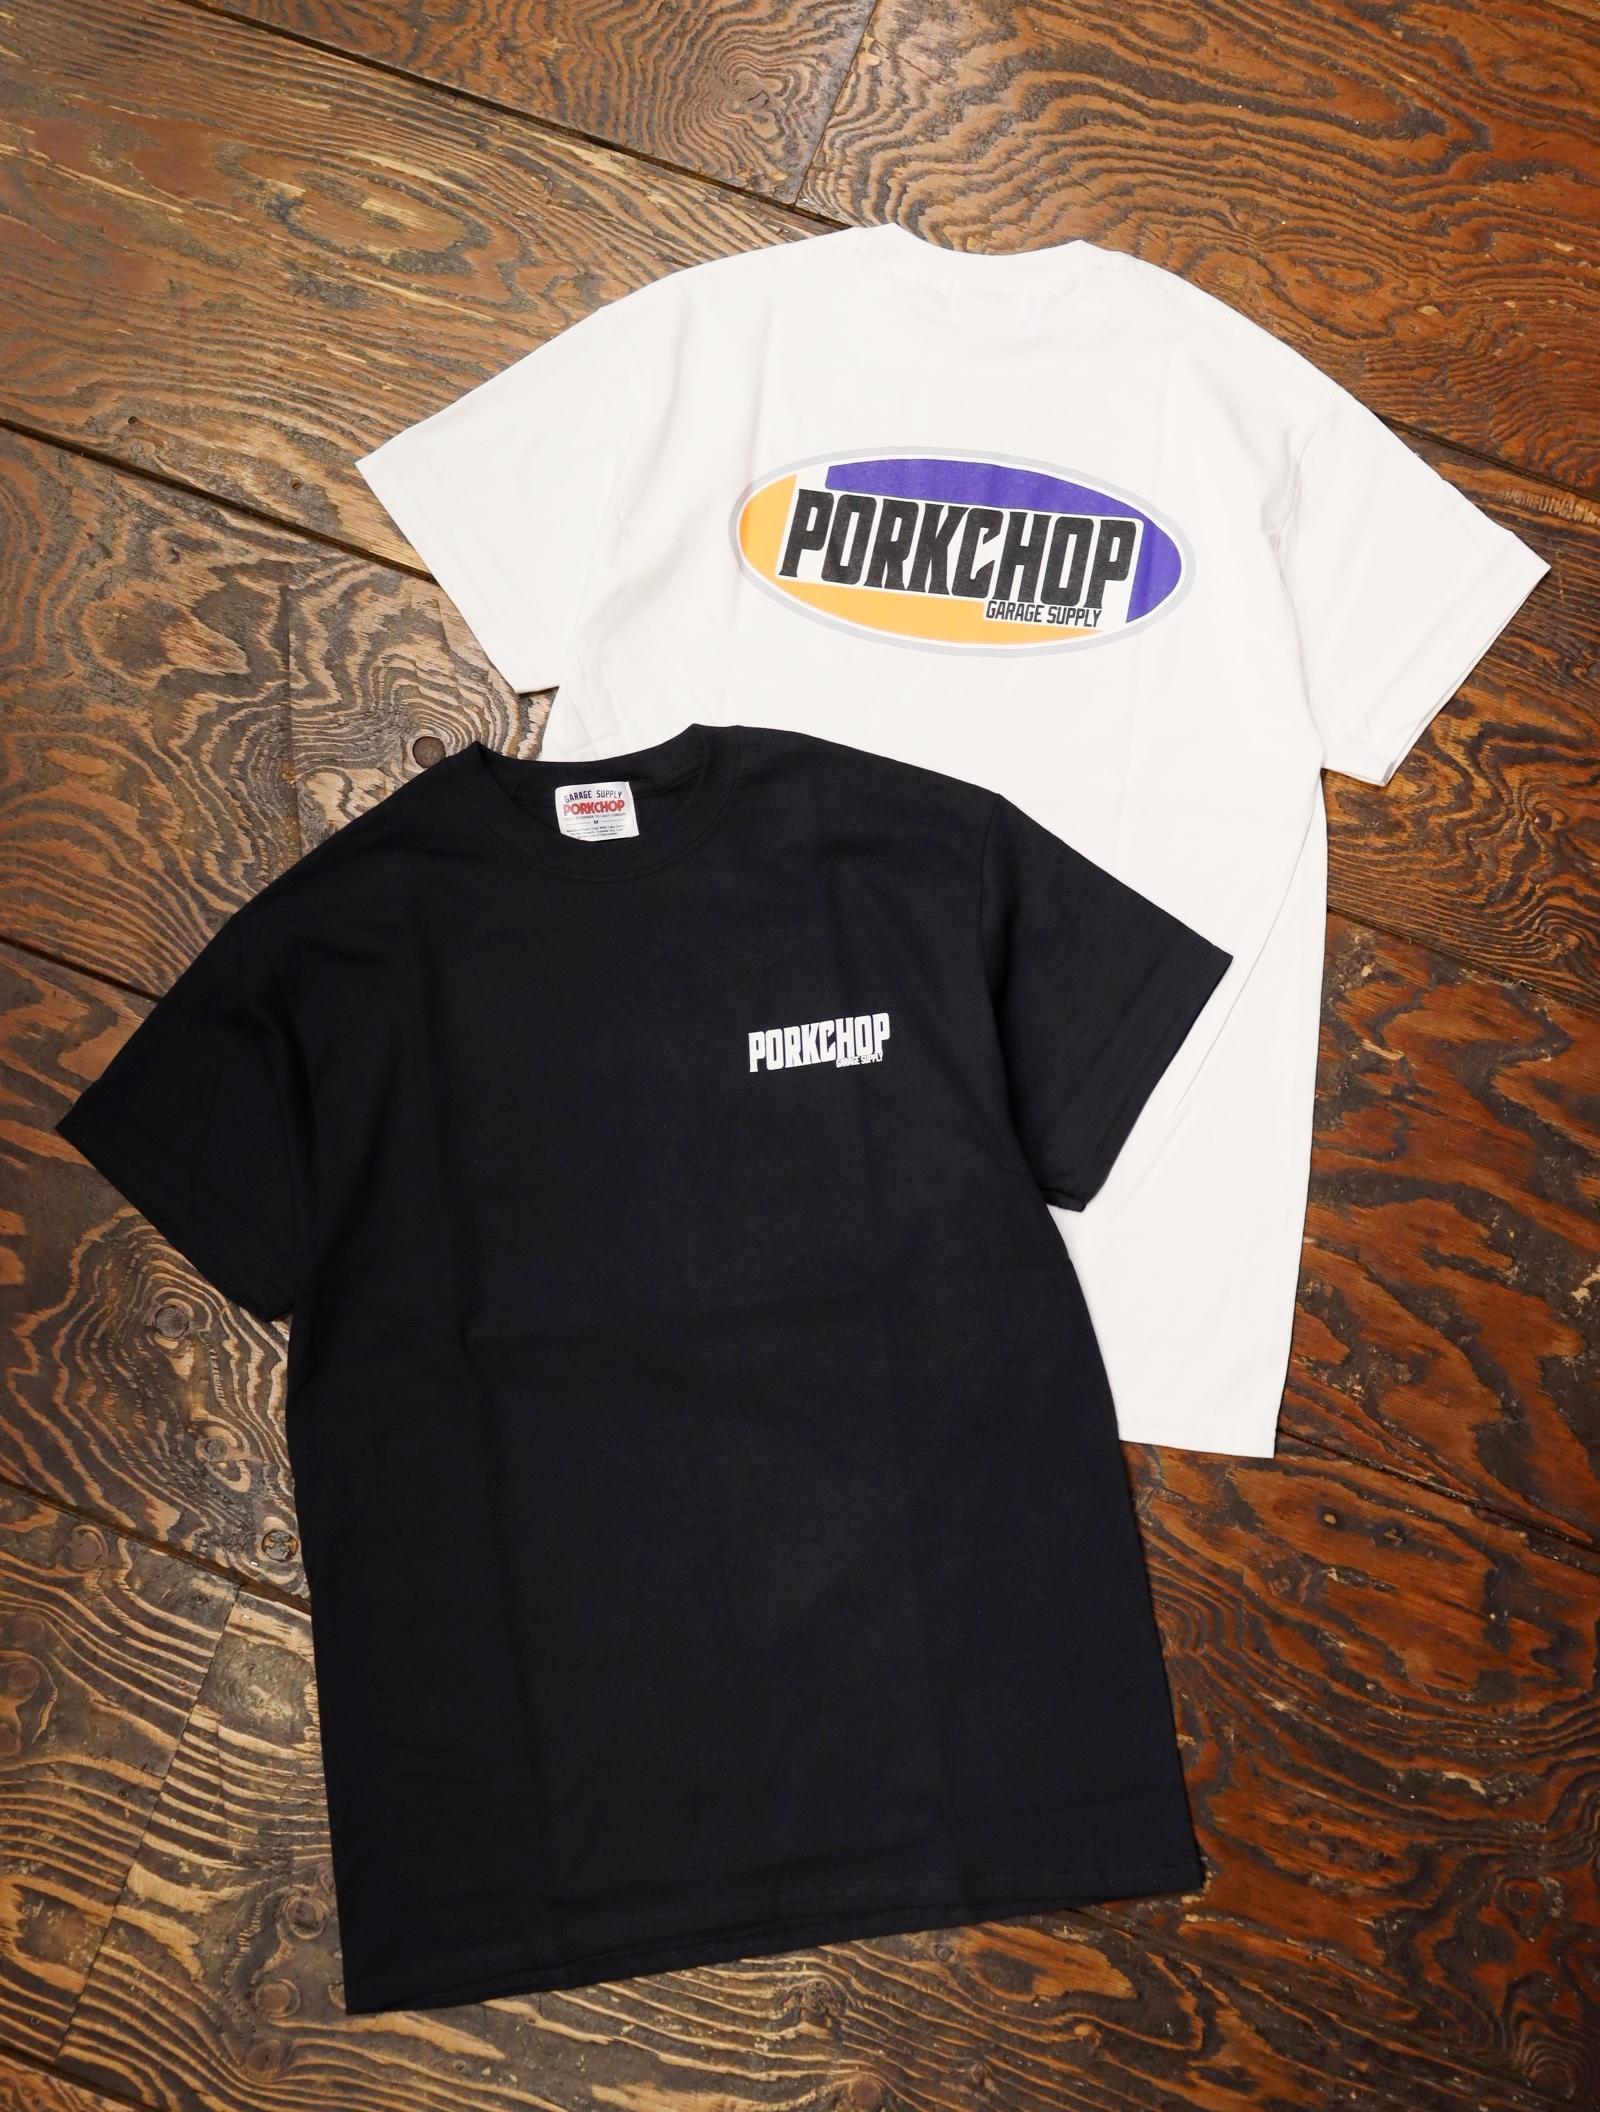 【4月3日 発売!!】 PORKCHOP GARAGE SUPPLY   「 2nd Oval TEE 」  プリントティーシャツ